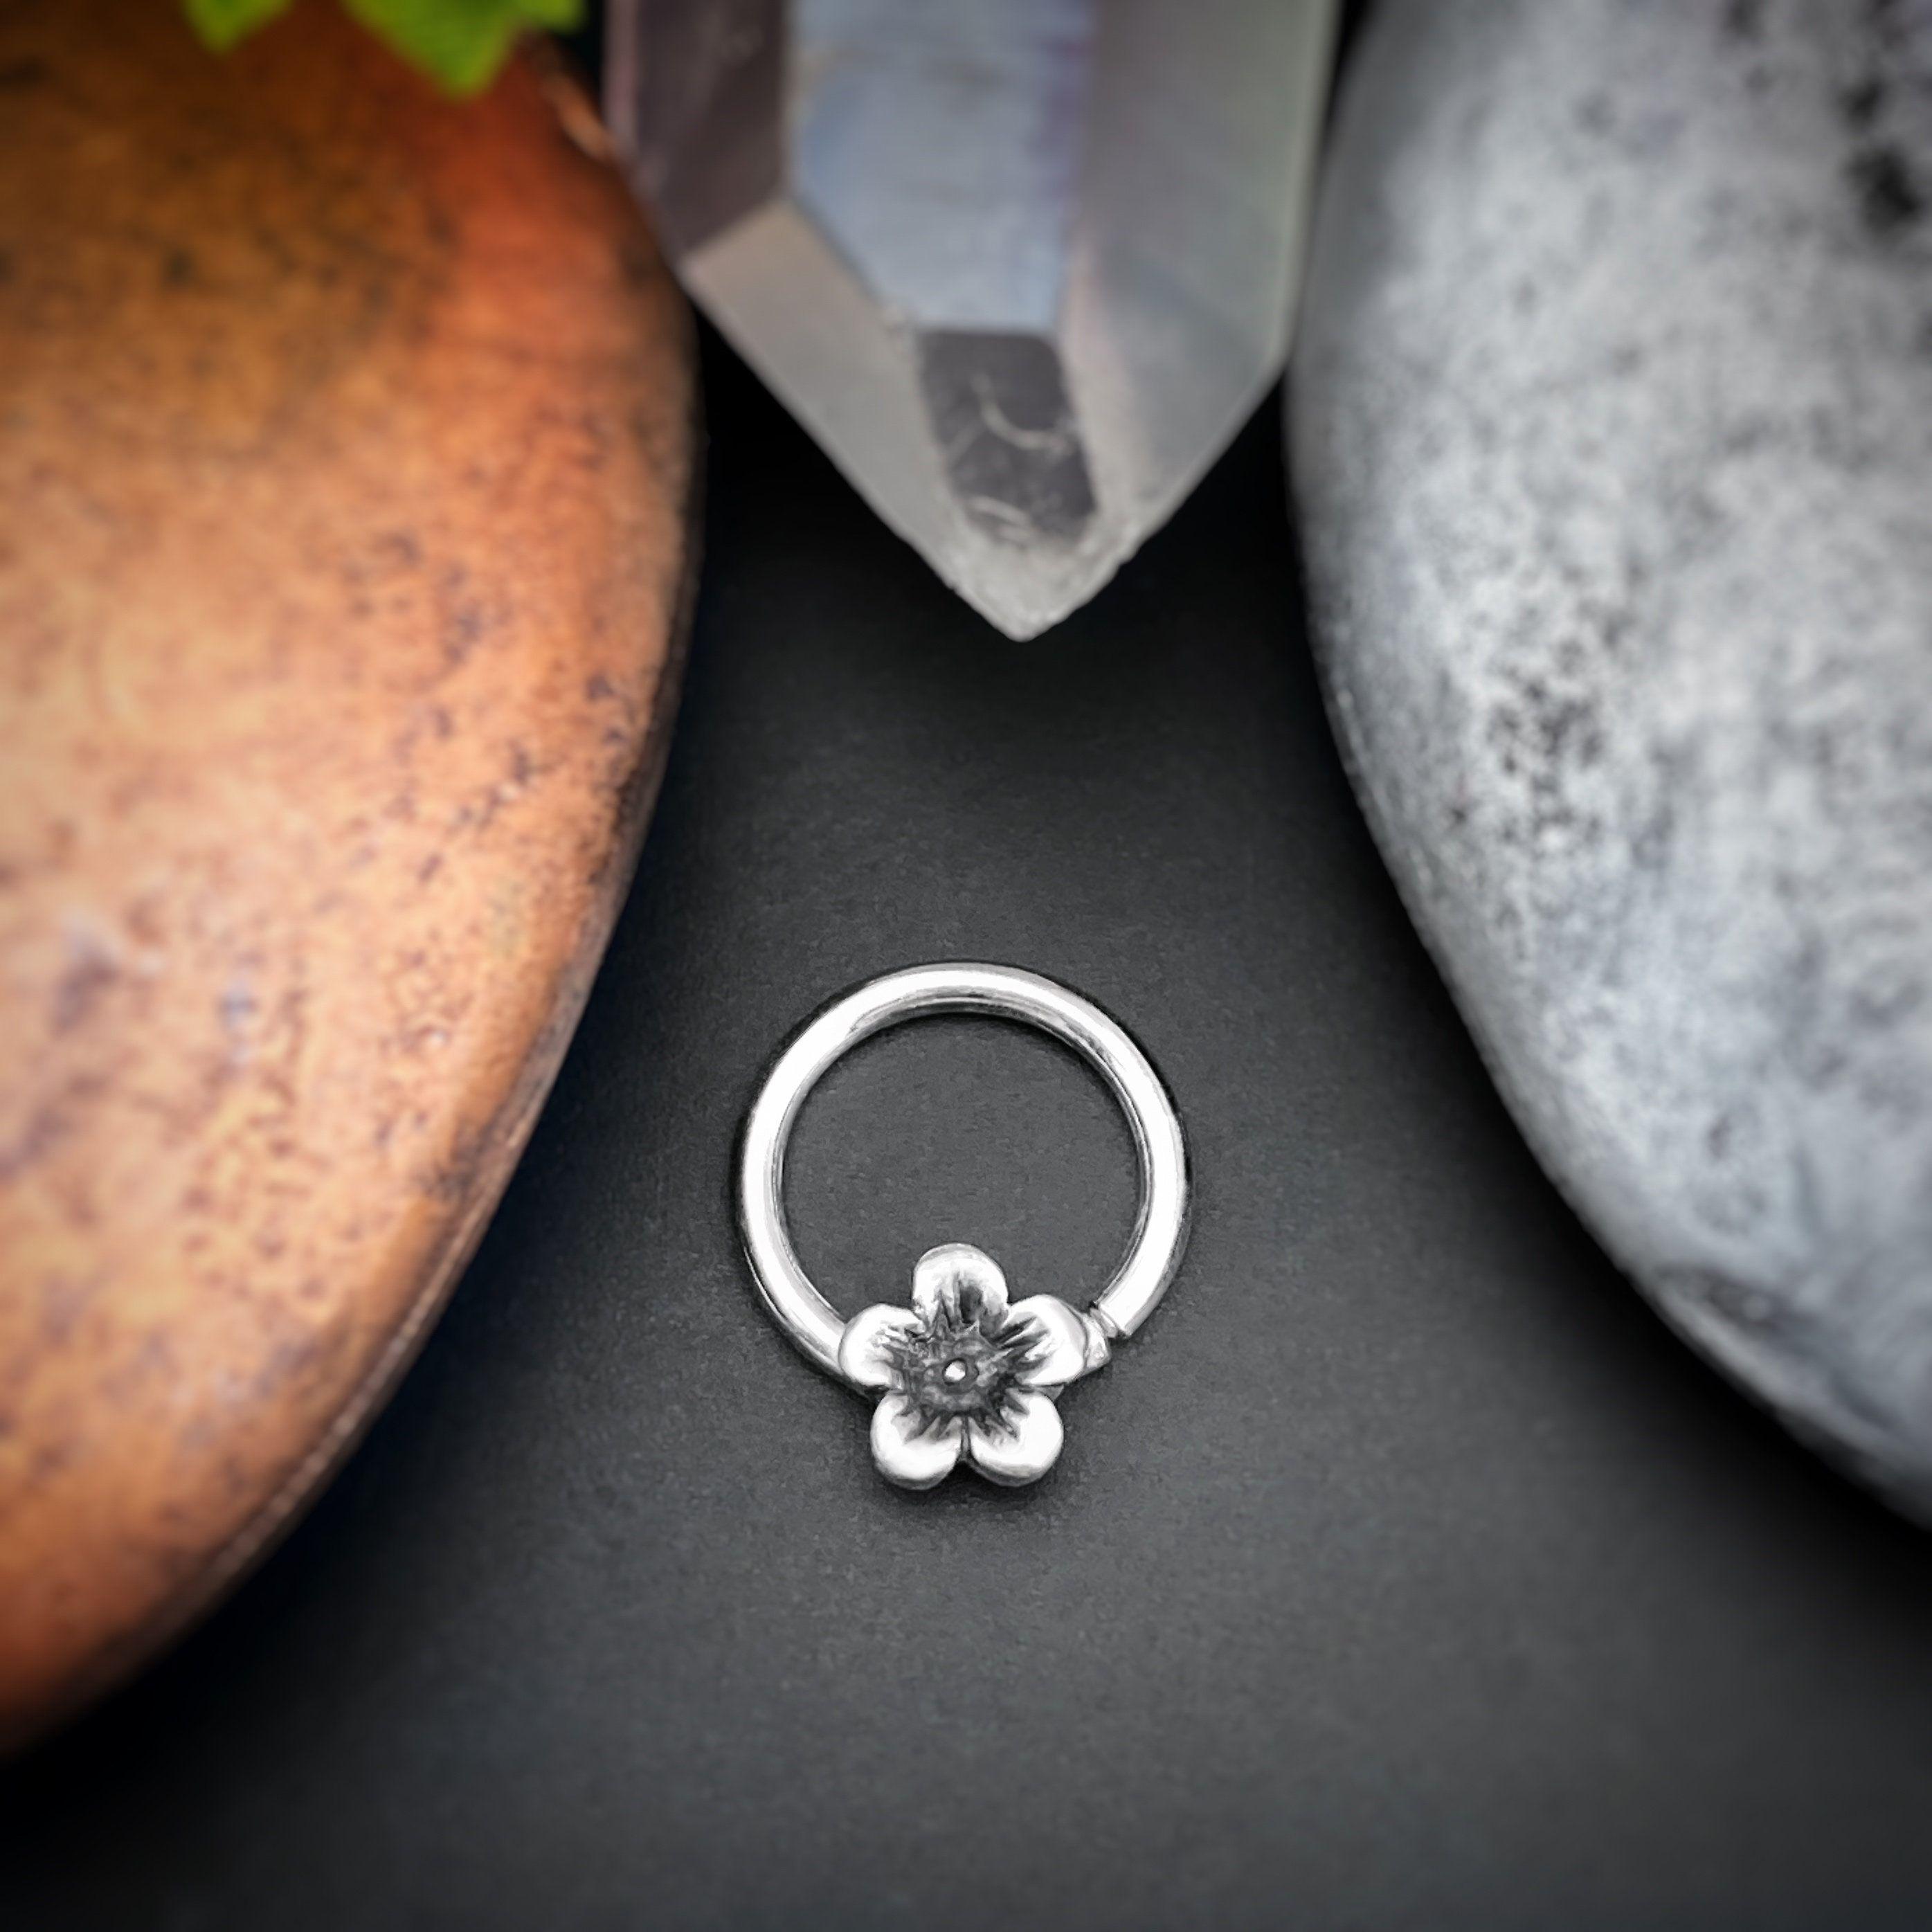 Cherry blossom septum ring septum hoop nose ring daith